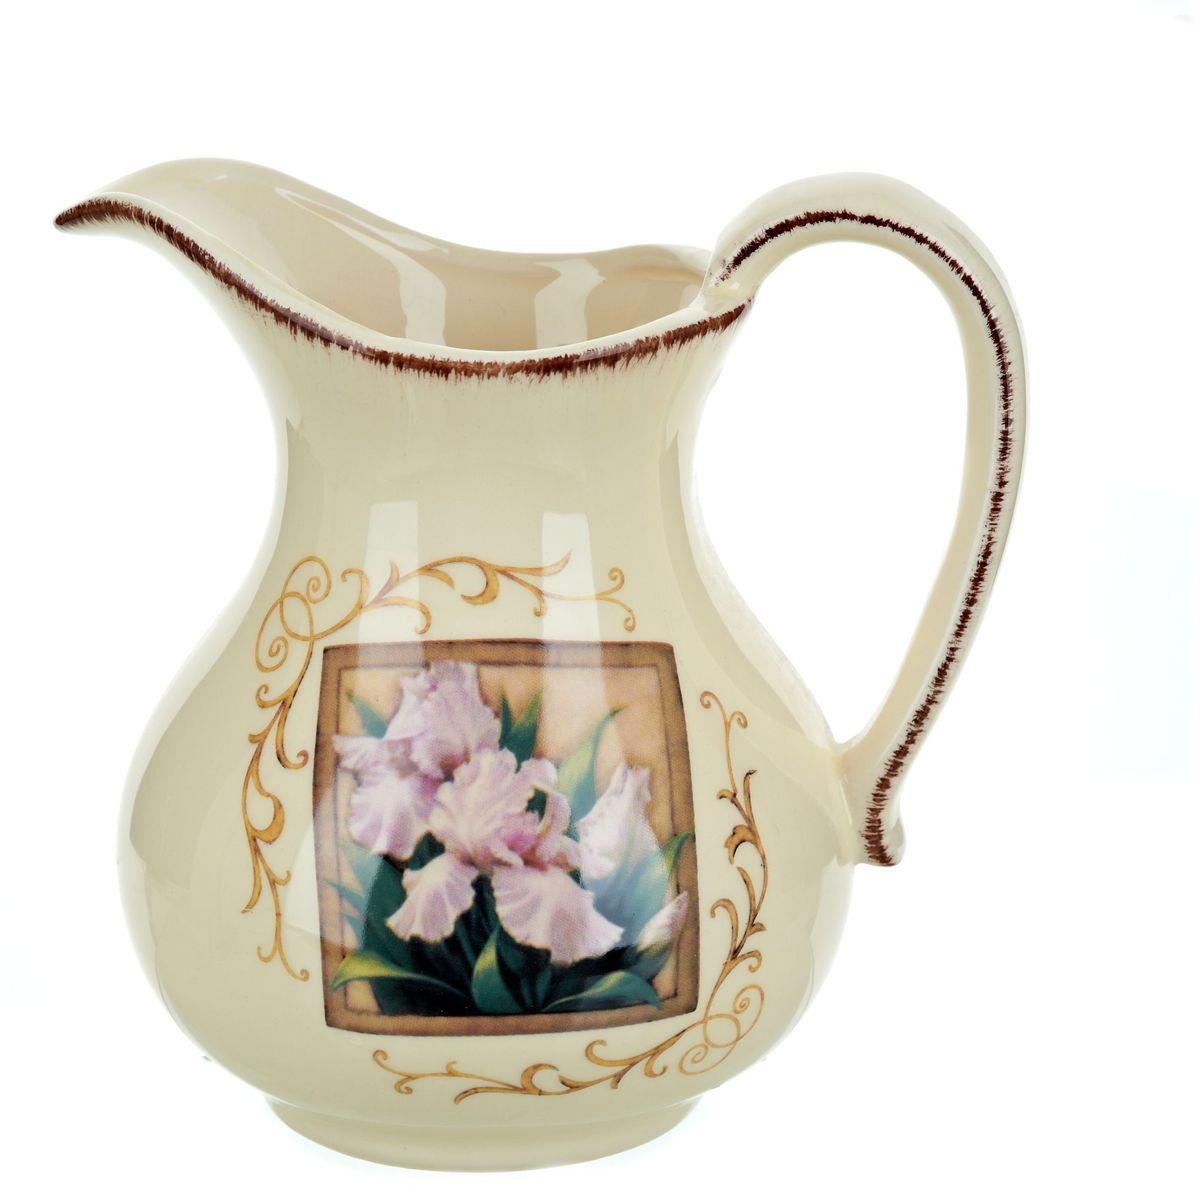 Кувшин ENS Group Розовый ирис, 1,28 л0280006Кувшин Розовый ирис изготовлен из высококачественной керамики, декорирован узорами и изображением ириса в рамке. Кувшин оснащен удобной ручкой. Прекрасно подходит для подачи воды, сока, компота и других напитков.В подарочной упаковке. Изящный кувшин красиво оформит стол и порадует вас элегантным дизайном и простотой ухода.